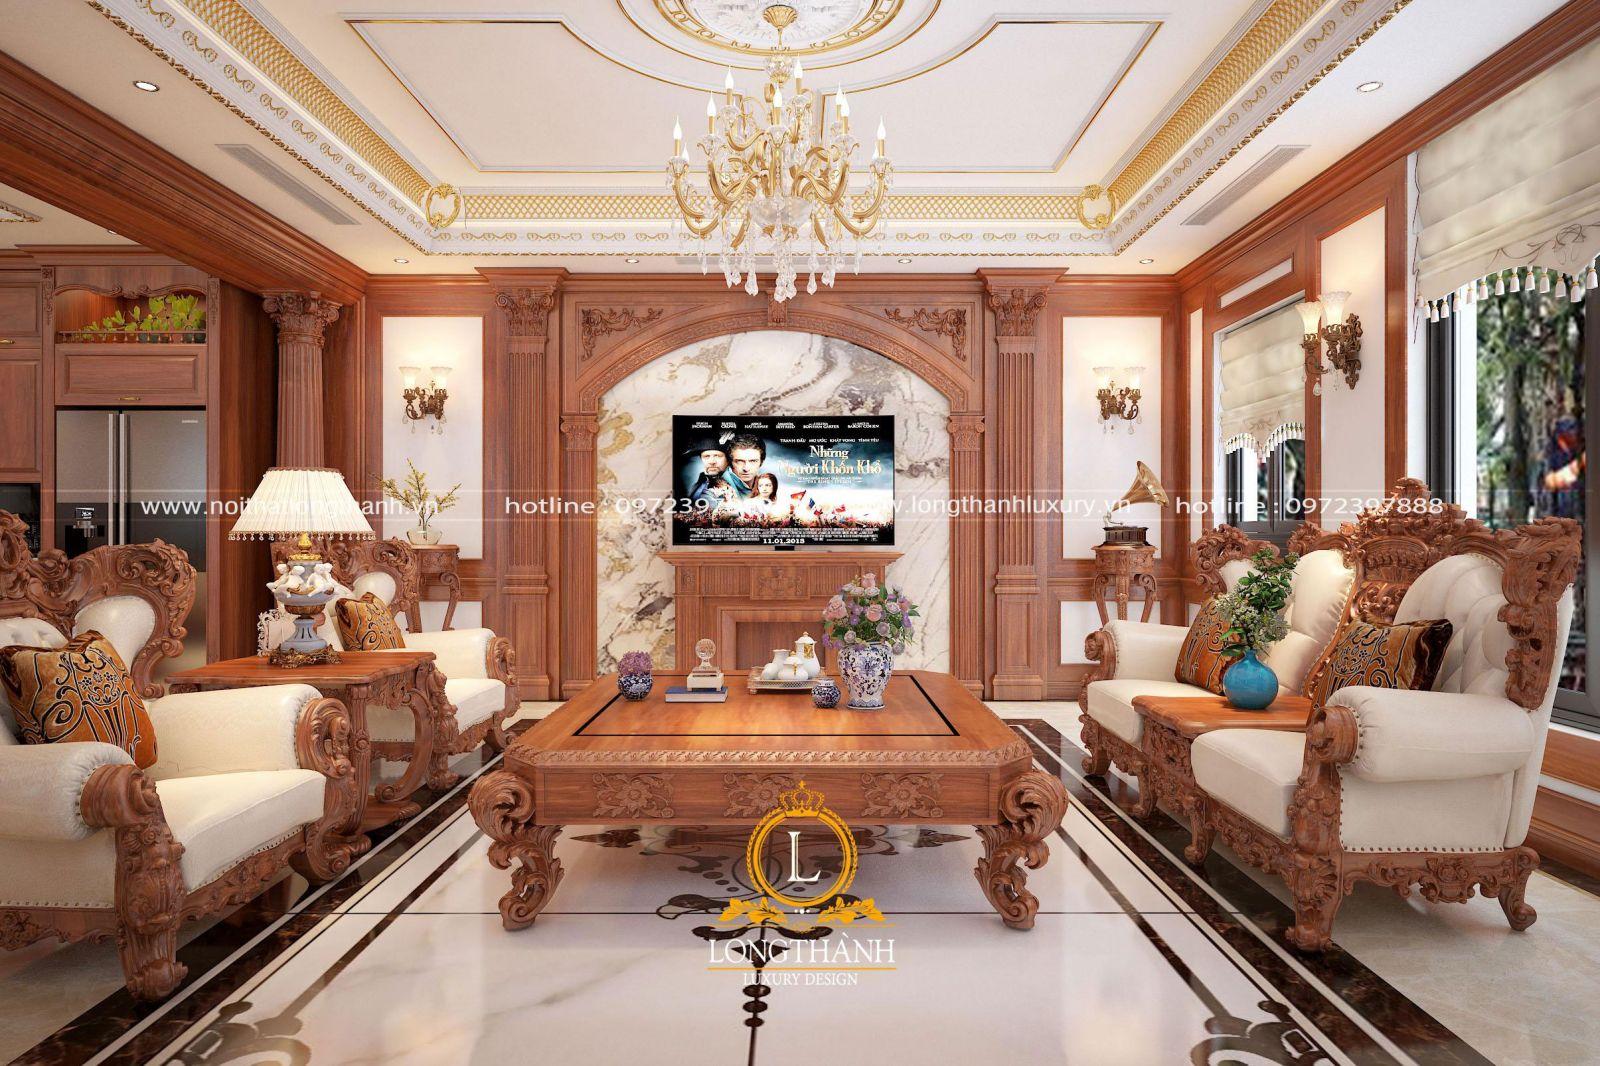 Thiết kế nội thất tân cổ điển cho phòng khách biệt thự đẹp ấn tượng